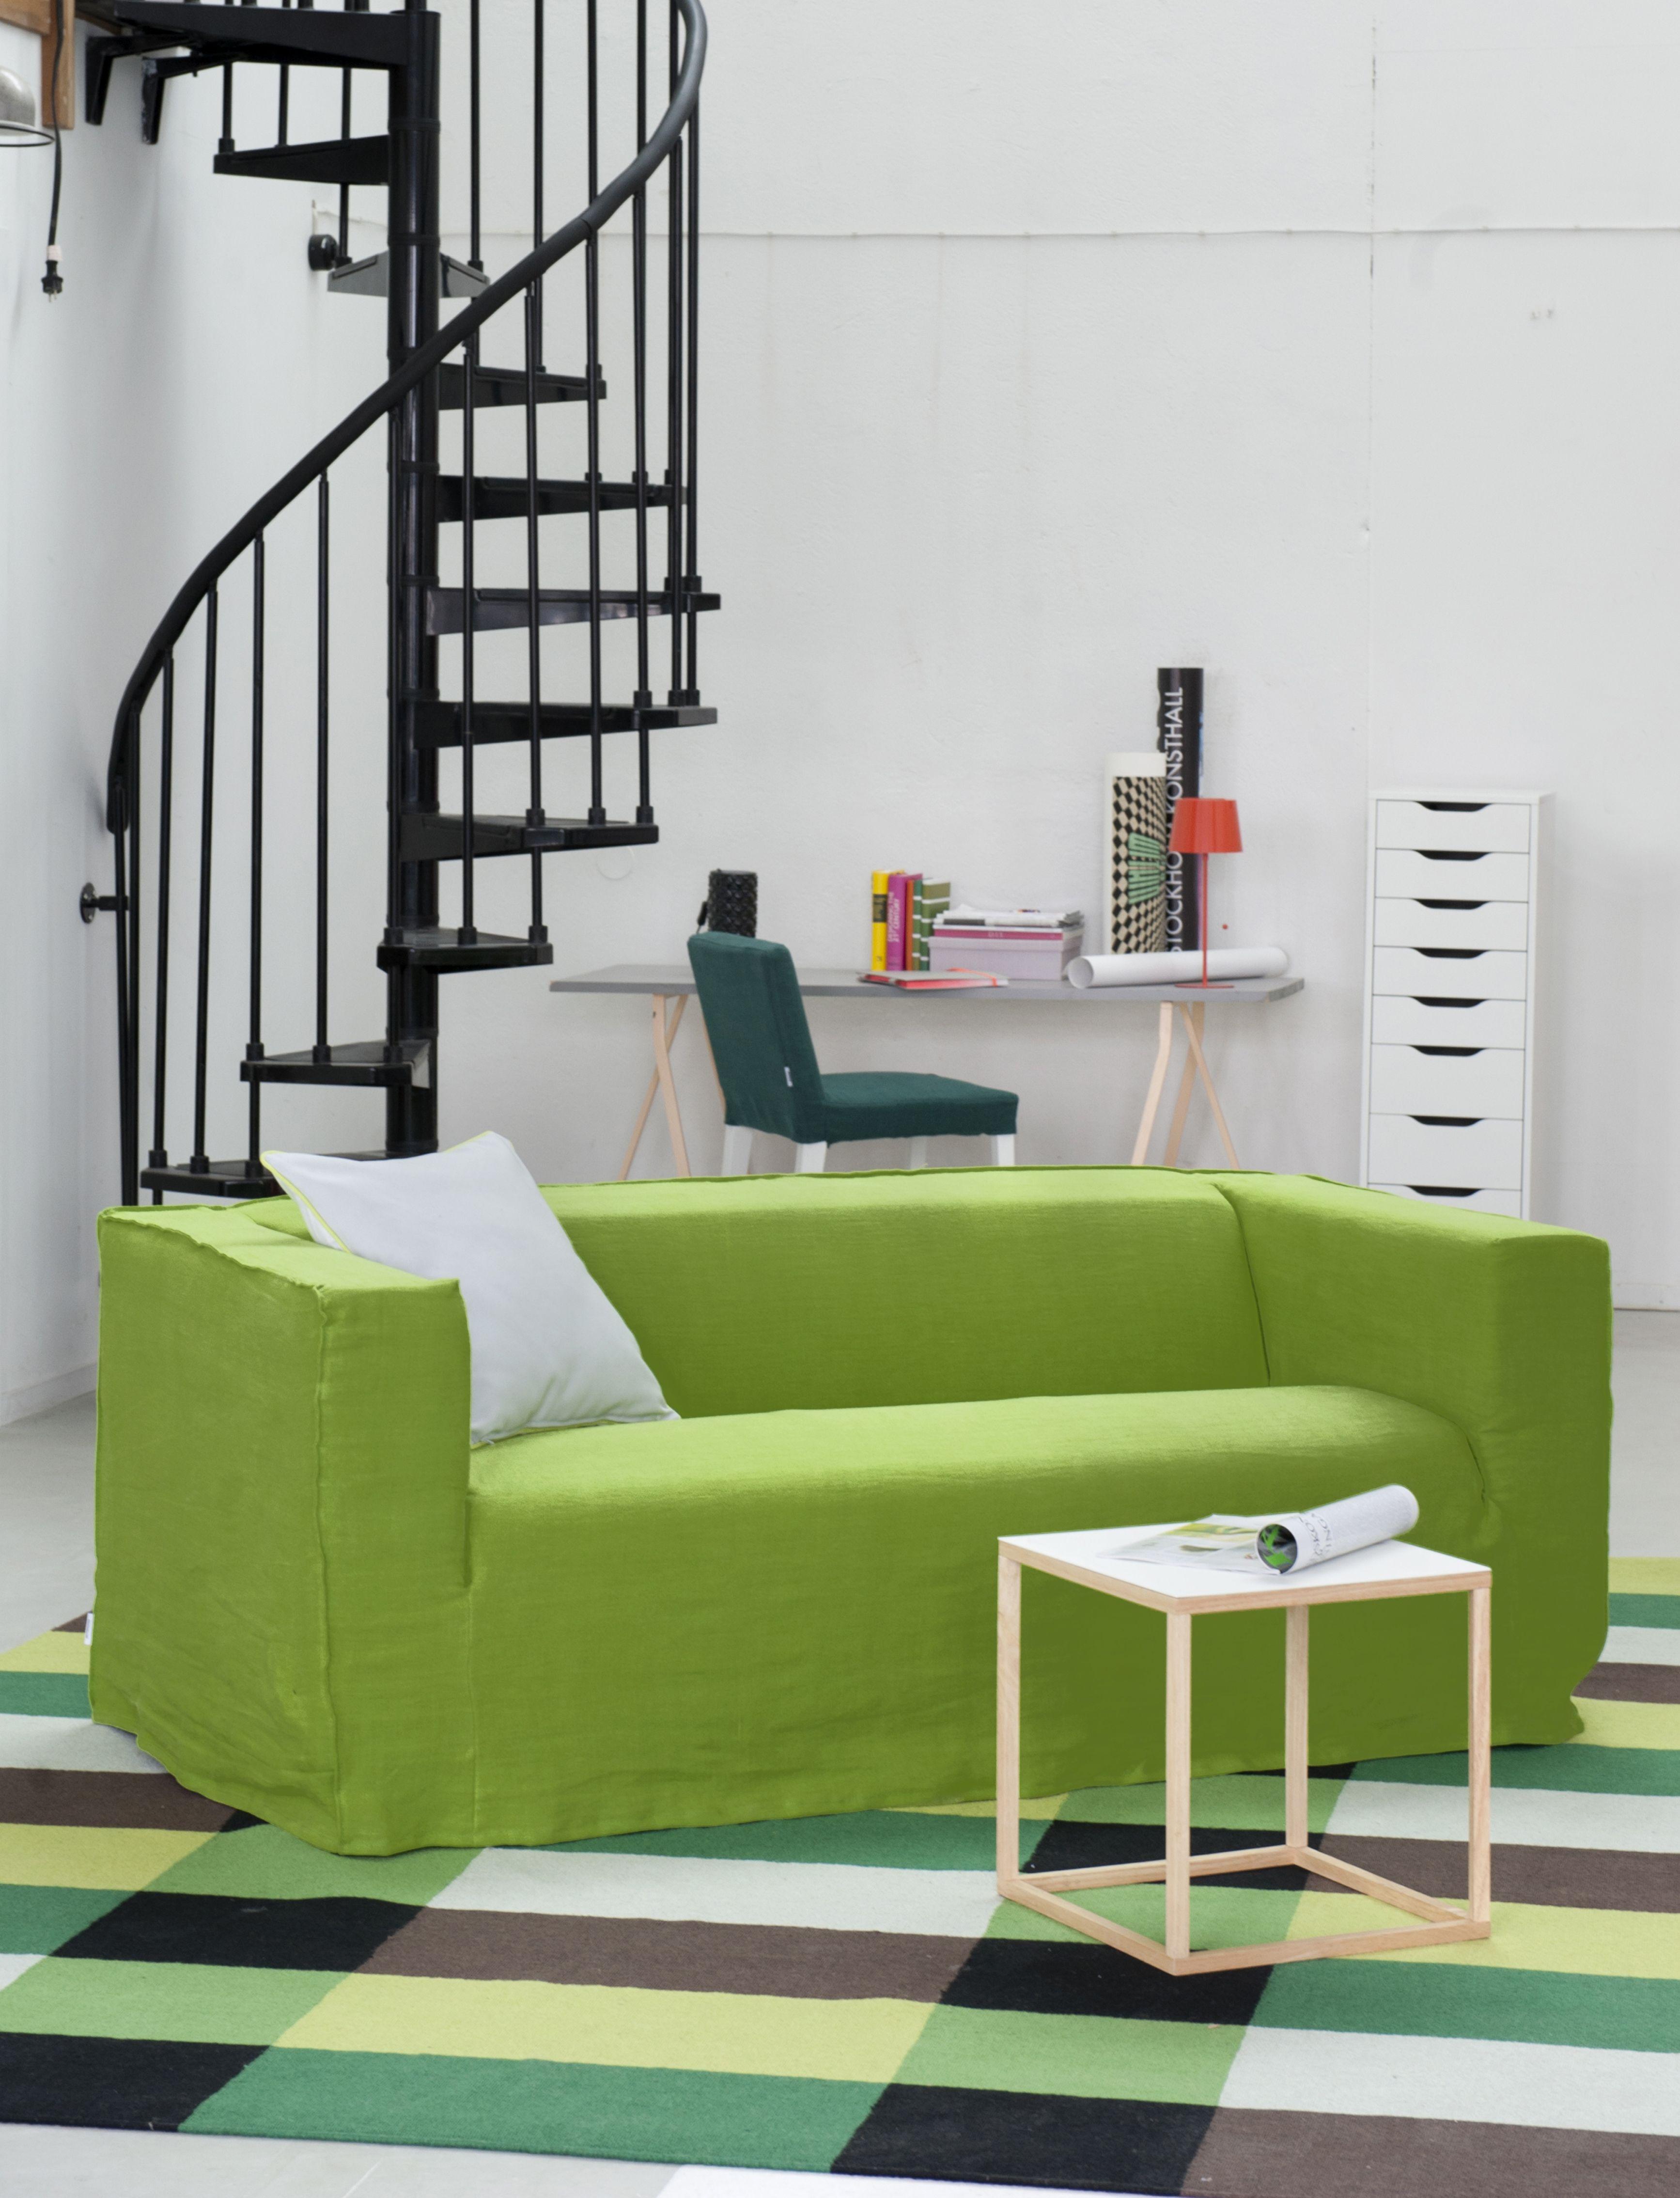 c6dd88ad823020bf2b160accf57fecd4 Frais De Bar De Salon Ikea Concept